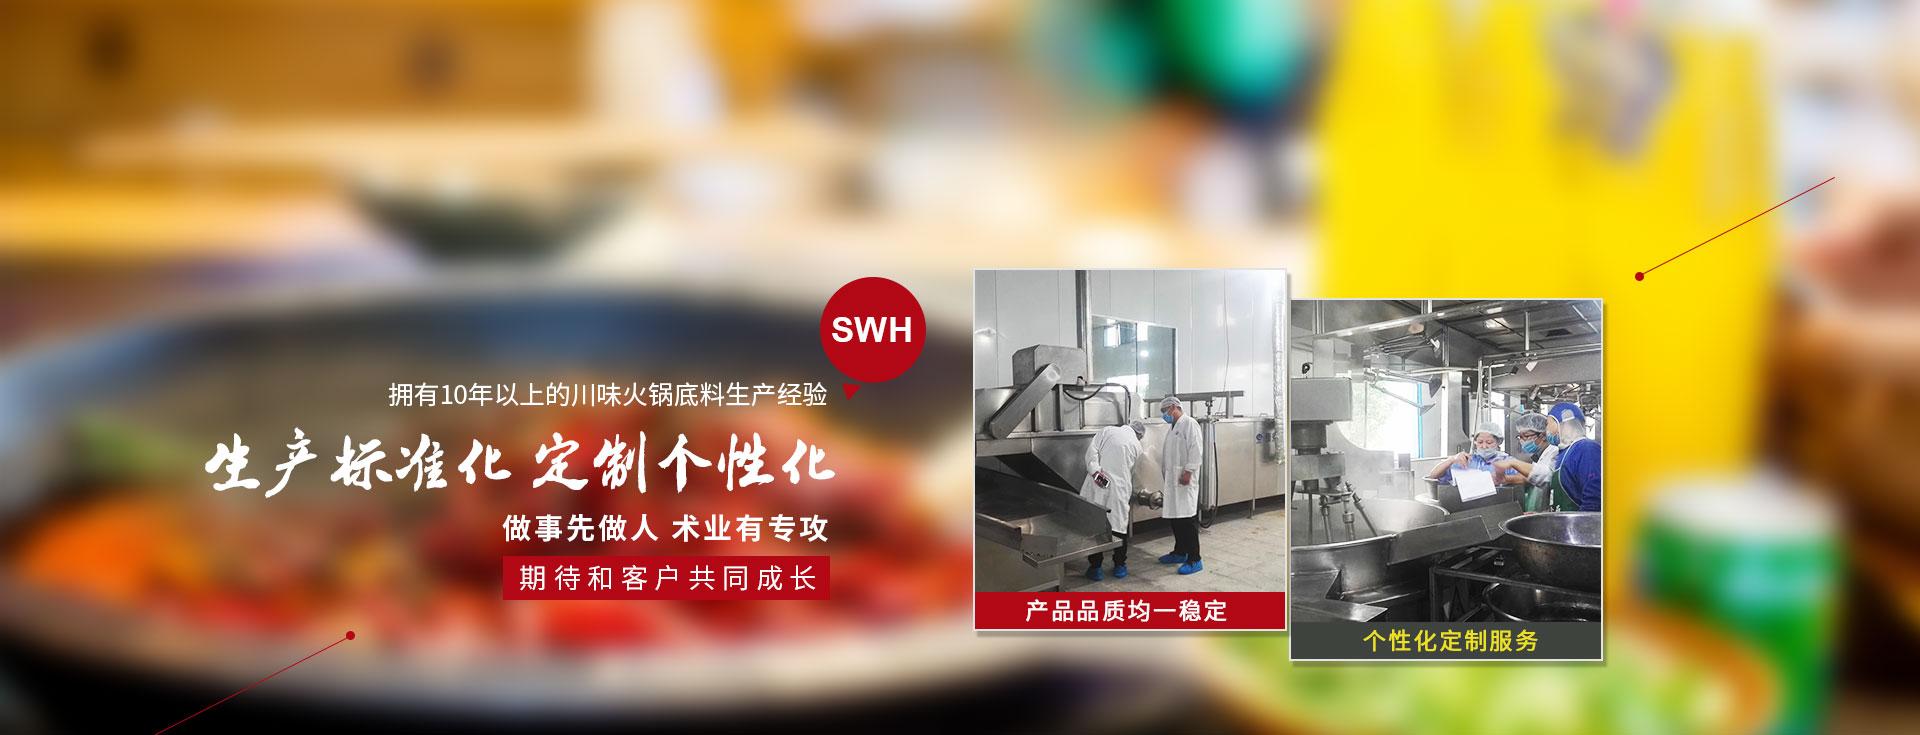 四川三味火餐飲管理有限公司